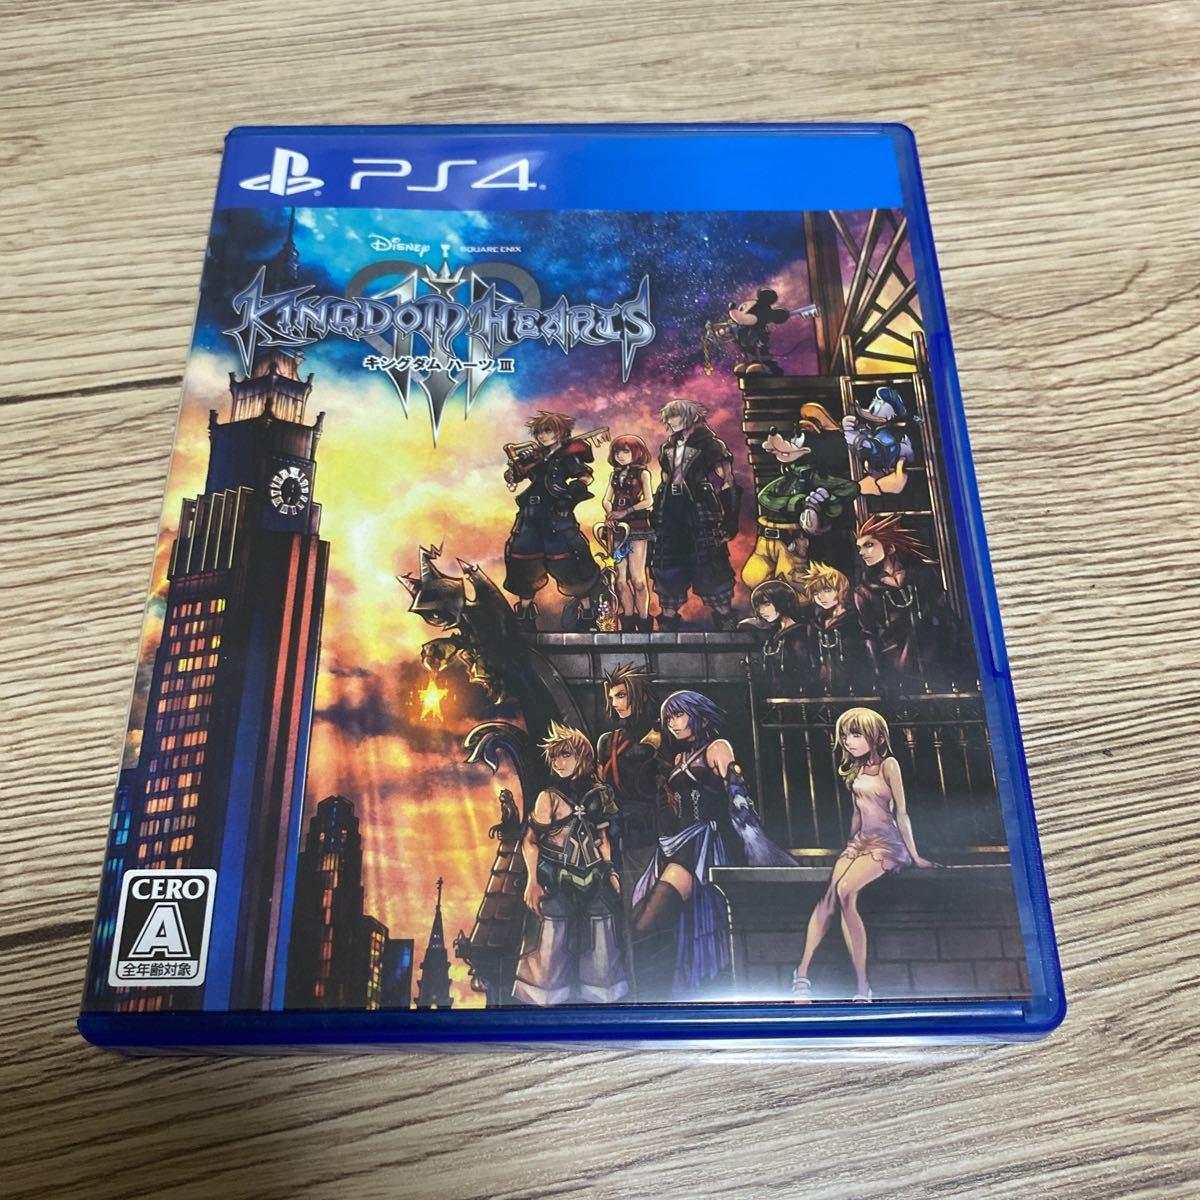 PS4キングダムハーツ キングダムハーツ3